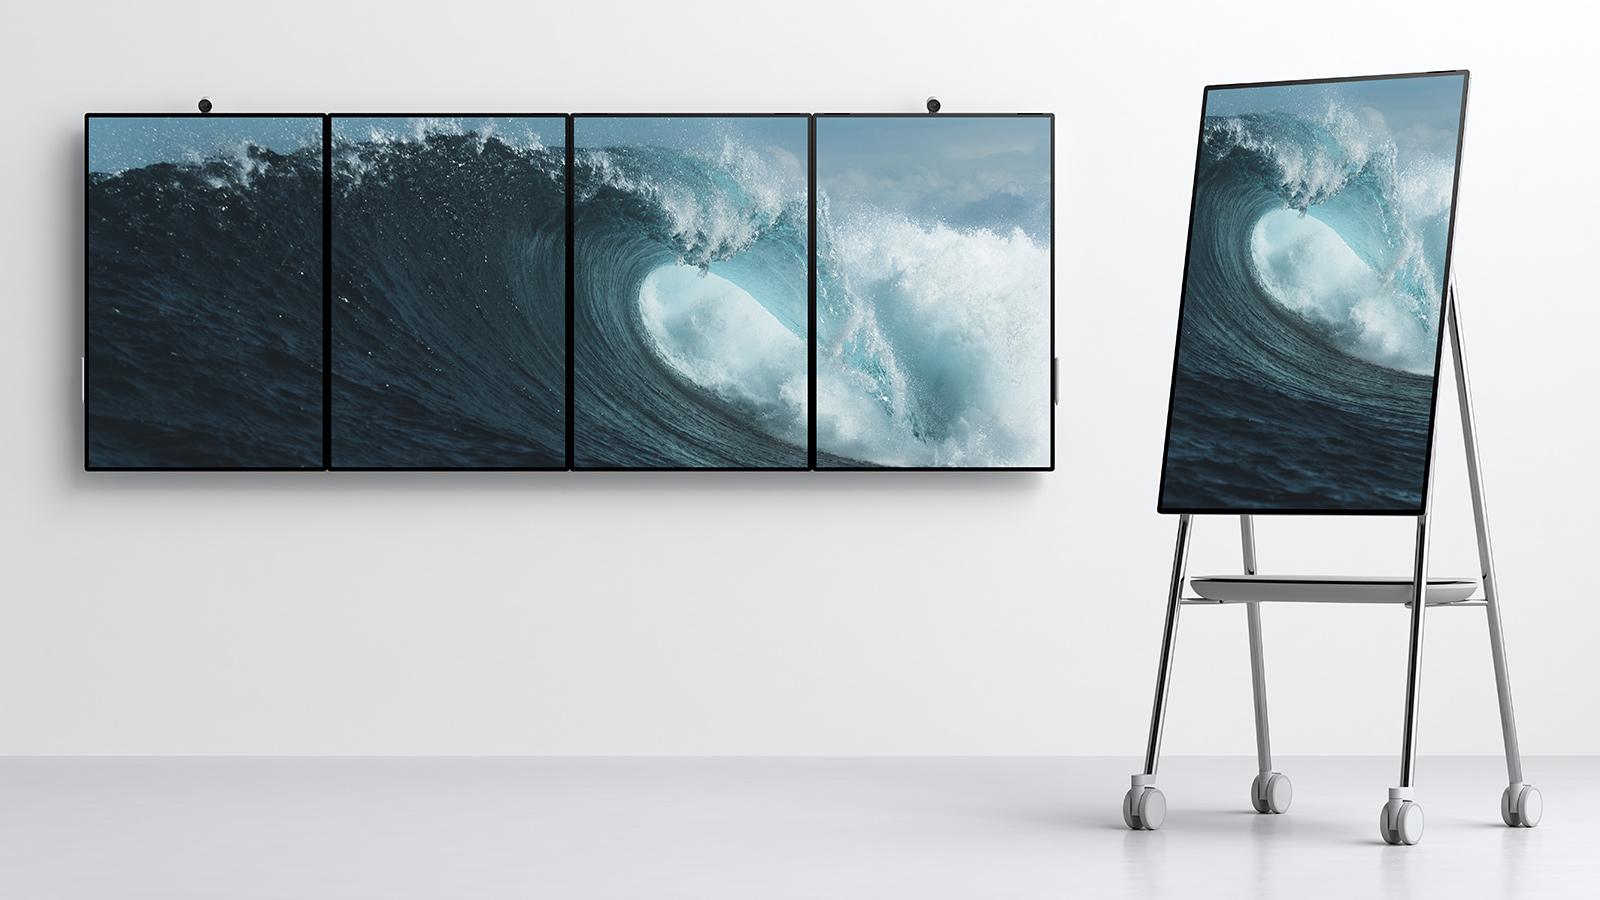 Cuatro Surface Hub 2 en forma de mosaico con una orientación horizontal, un Surface Hub 2 con orientación horizontal sobre un soporte diseñado por Steelcase